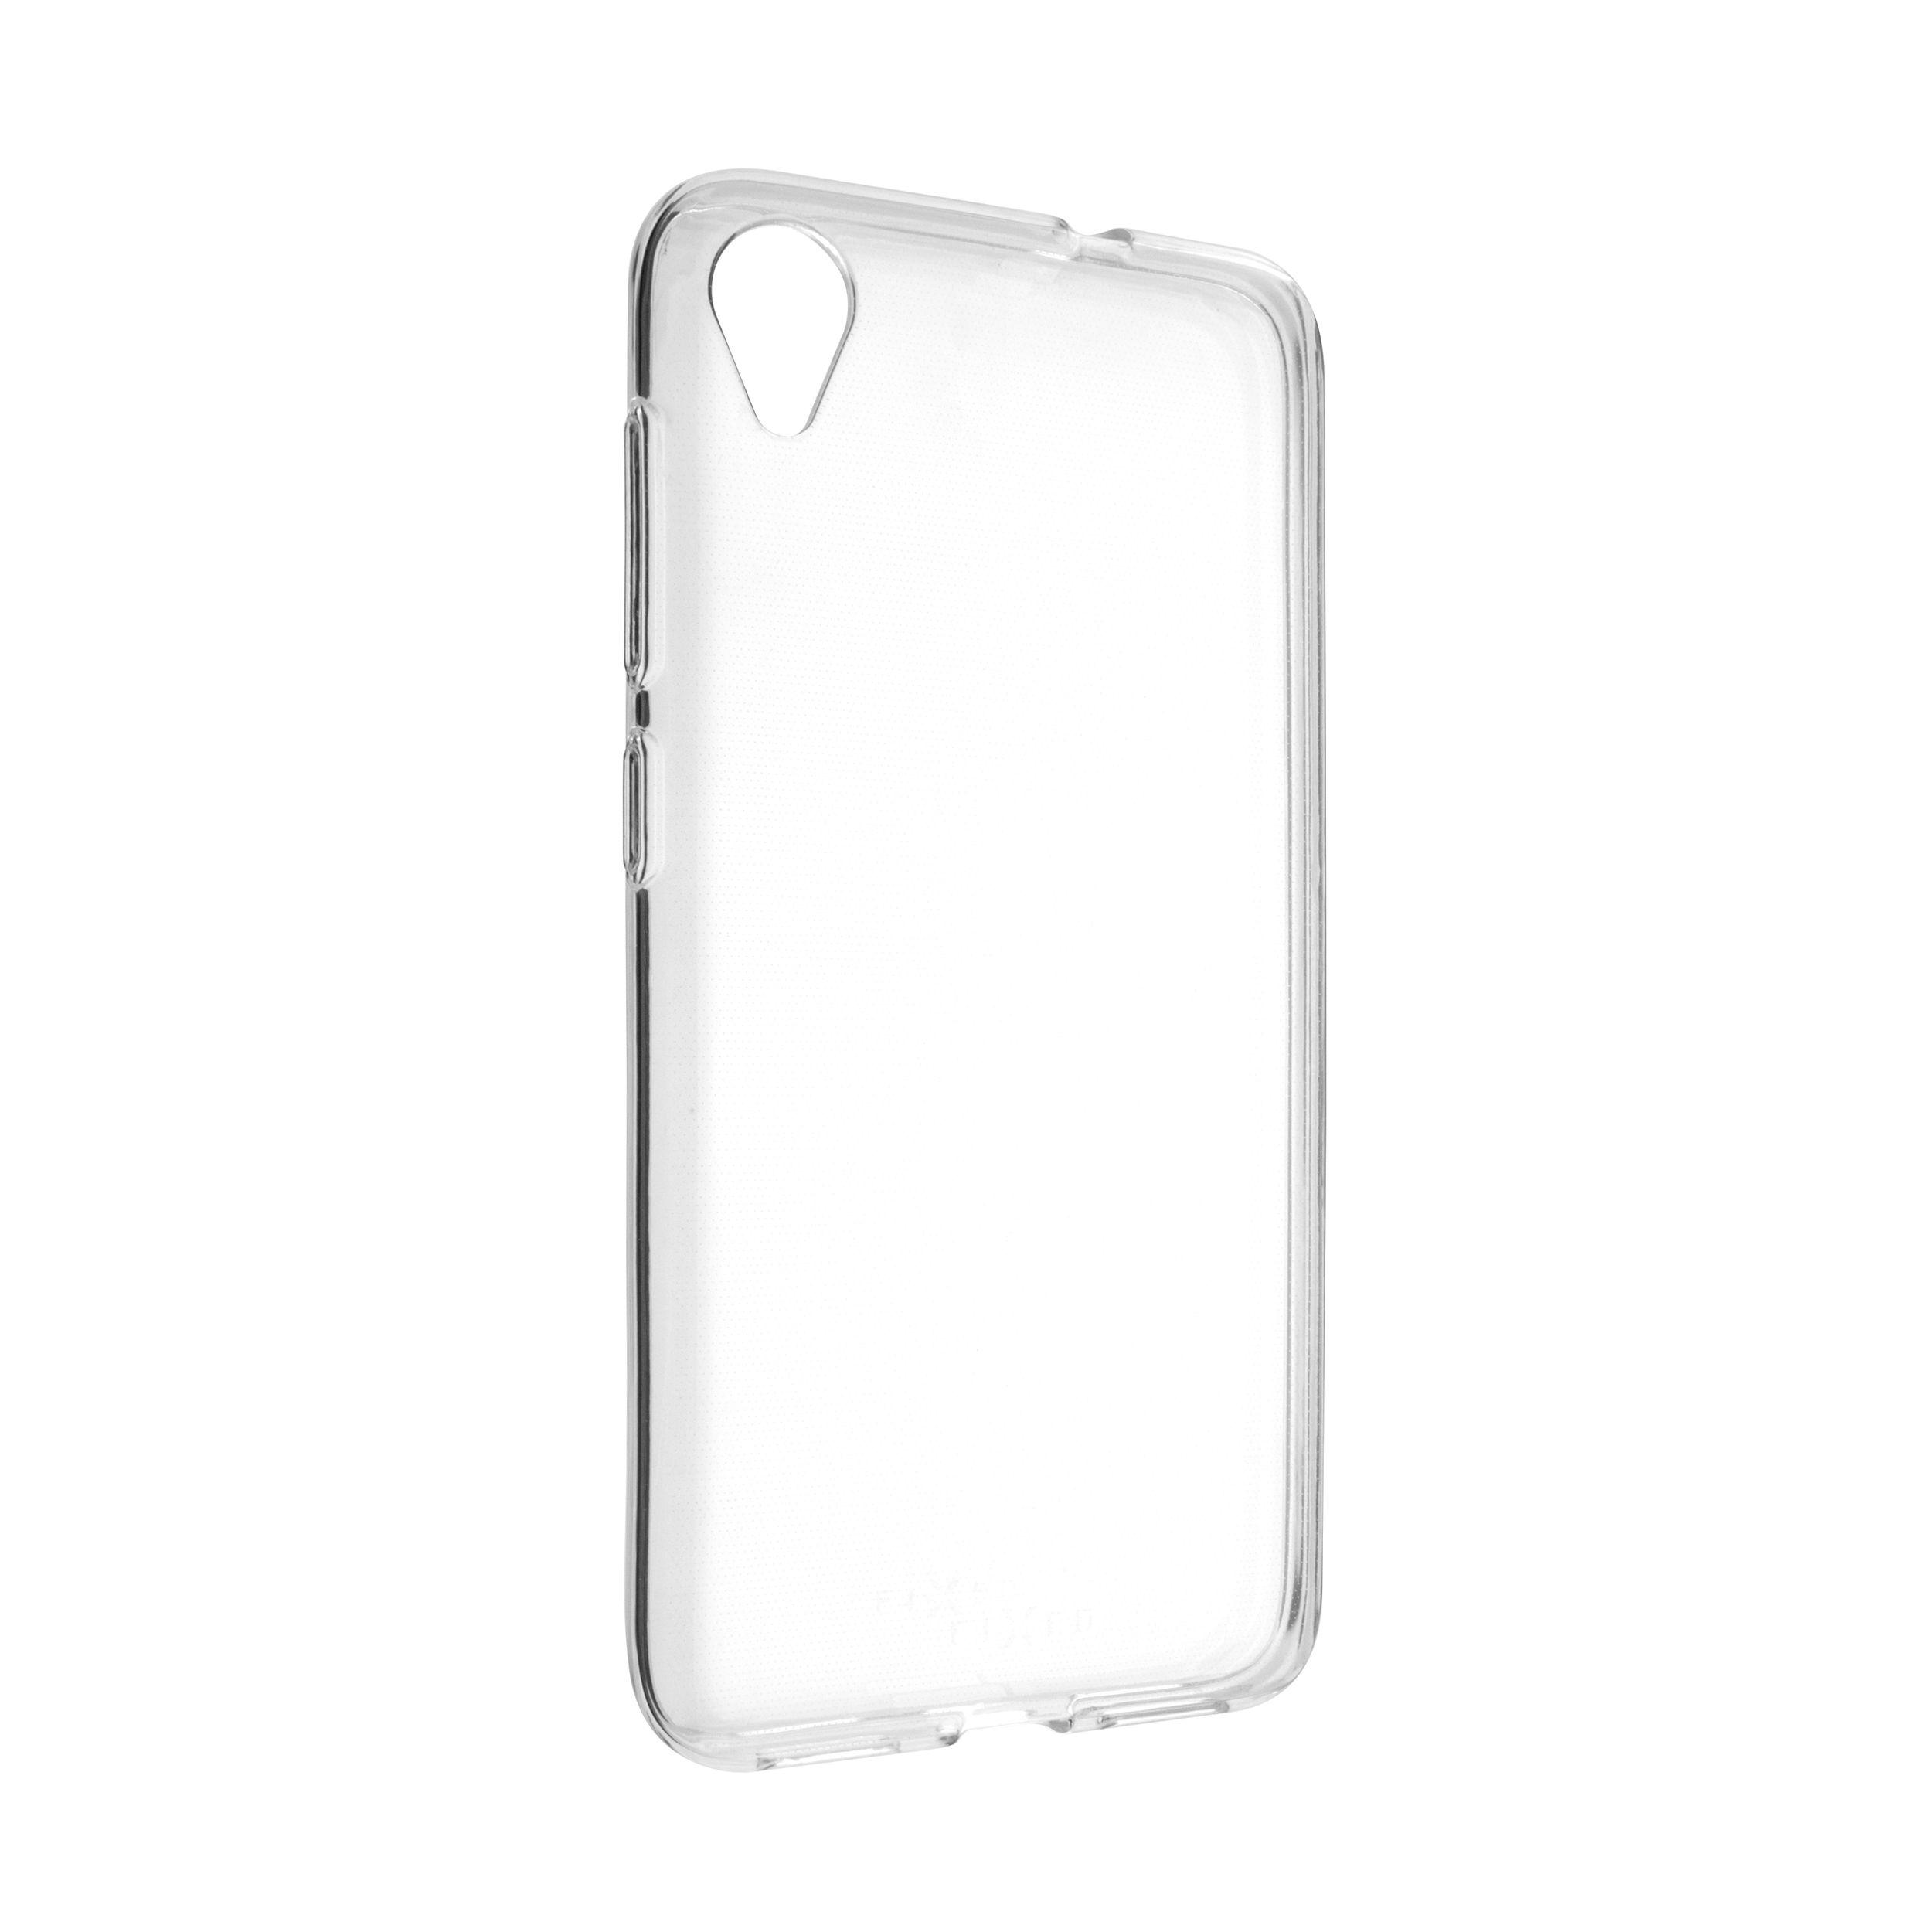 TPU gelové pouzdro FIXED pro Asus ZenFone Live L1 (ZA550KL), čiré